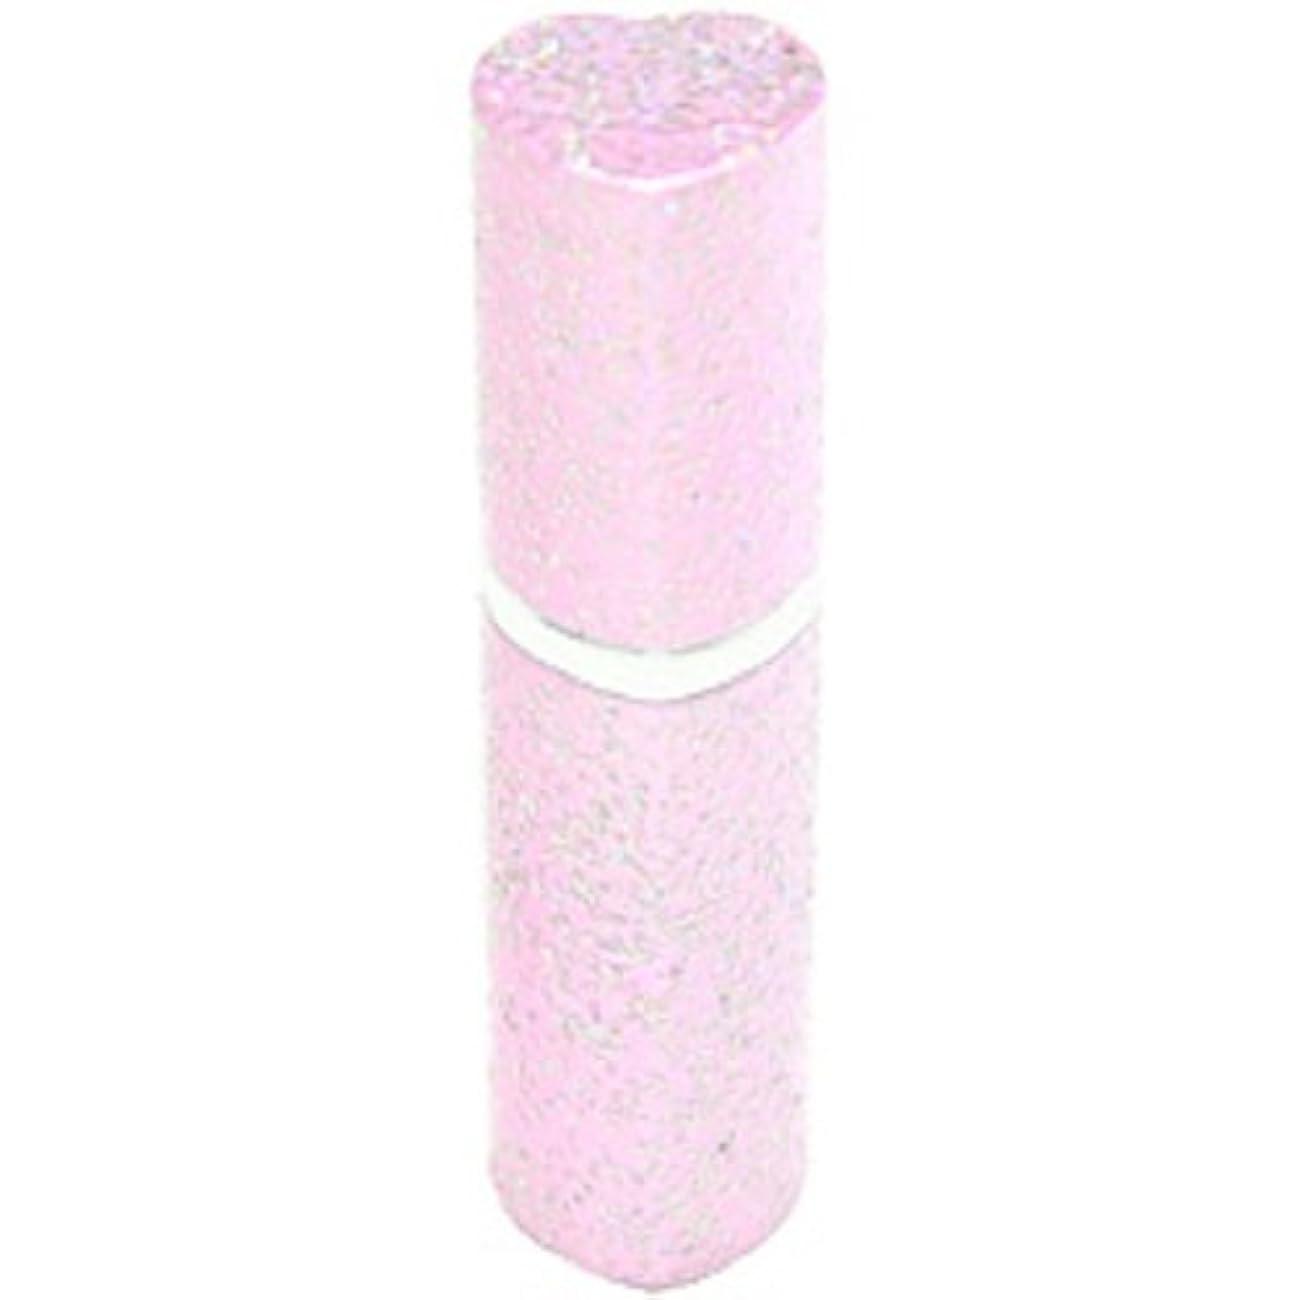 禁止するジムサージアトマイザー ラメハート ピンク 3ml 香水入れ